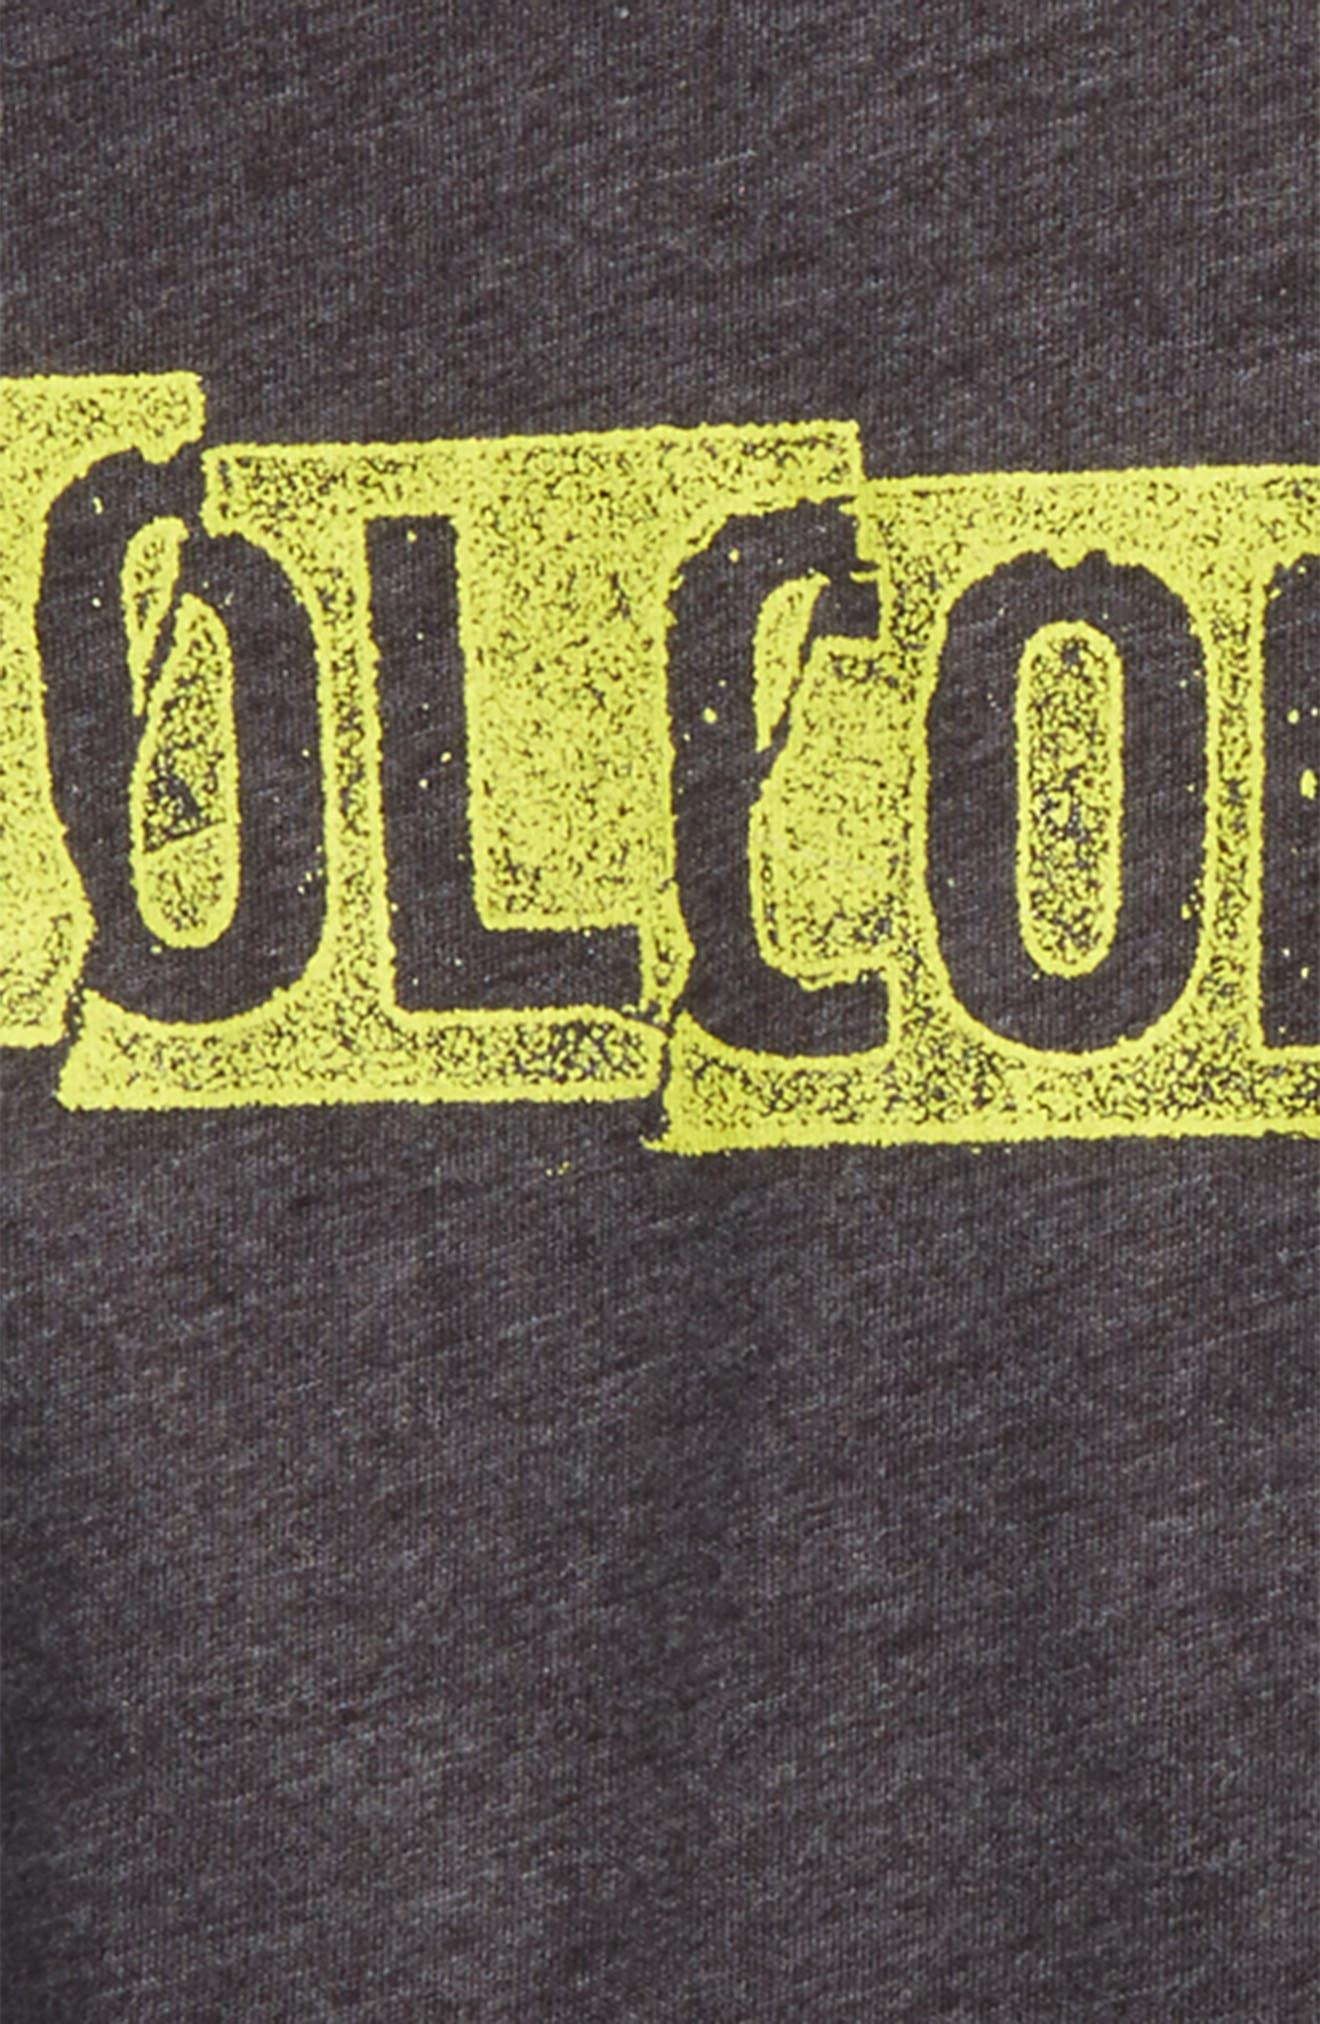 Alternate Image 2  - Volcom Edge Graphic T-Shirt (Toddler Boys & Little Boys)